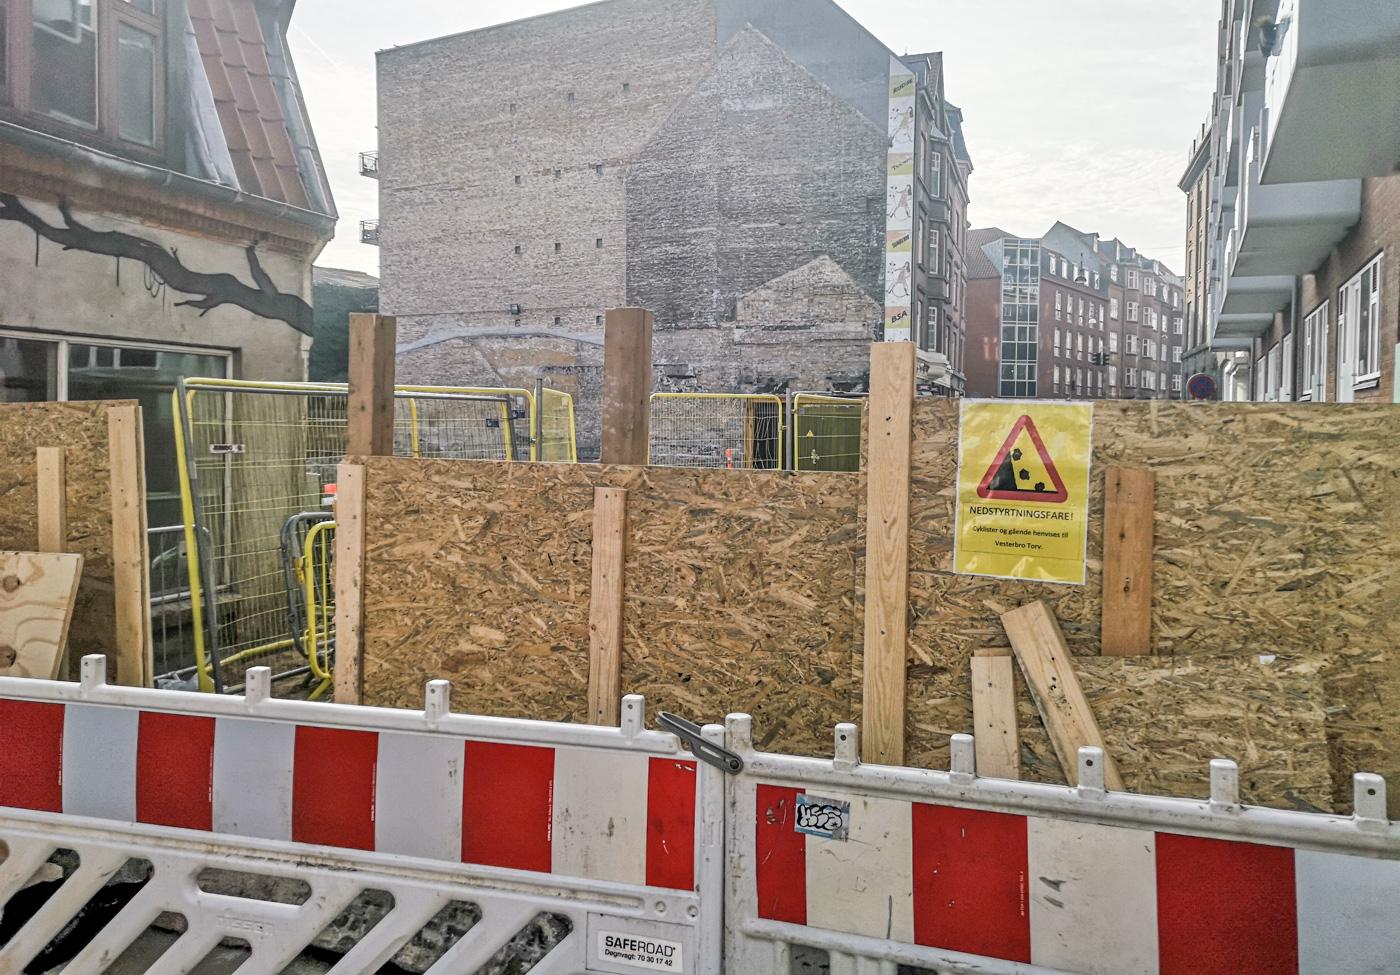 Afspærring ved Vestergade fjernes: Men beboere og erhvervsdrivende kan ikke flytte ind i bygningen